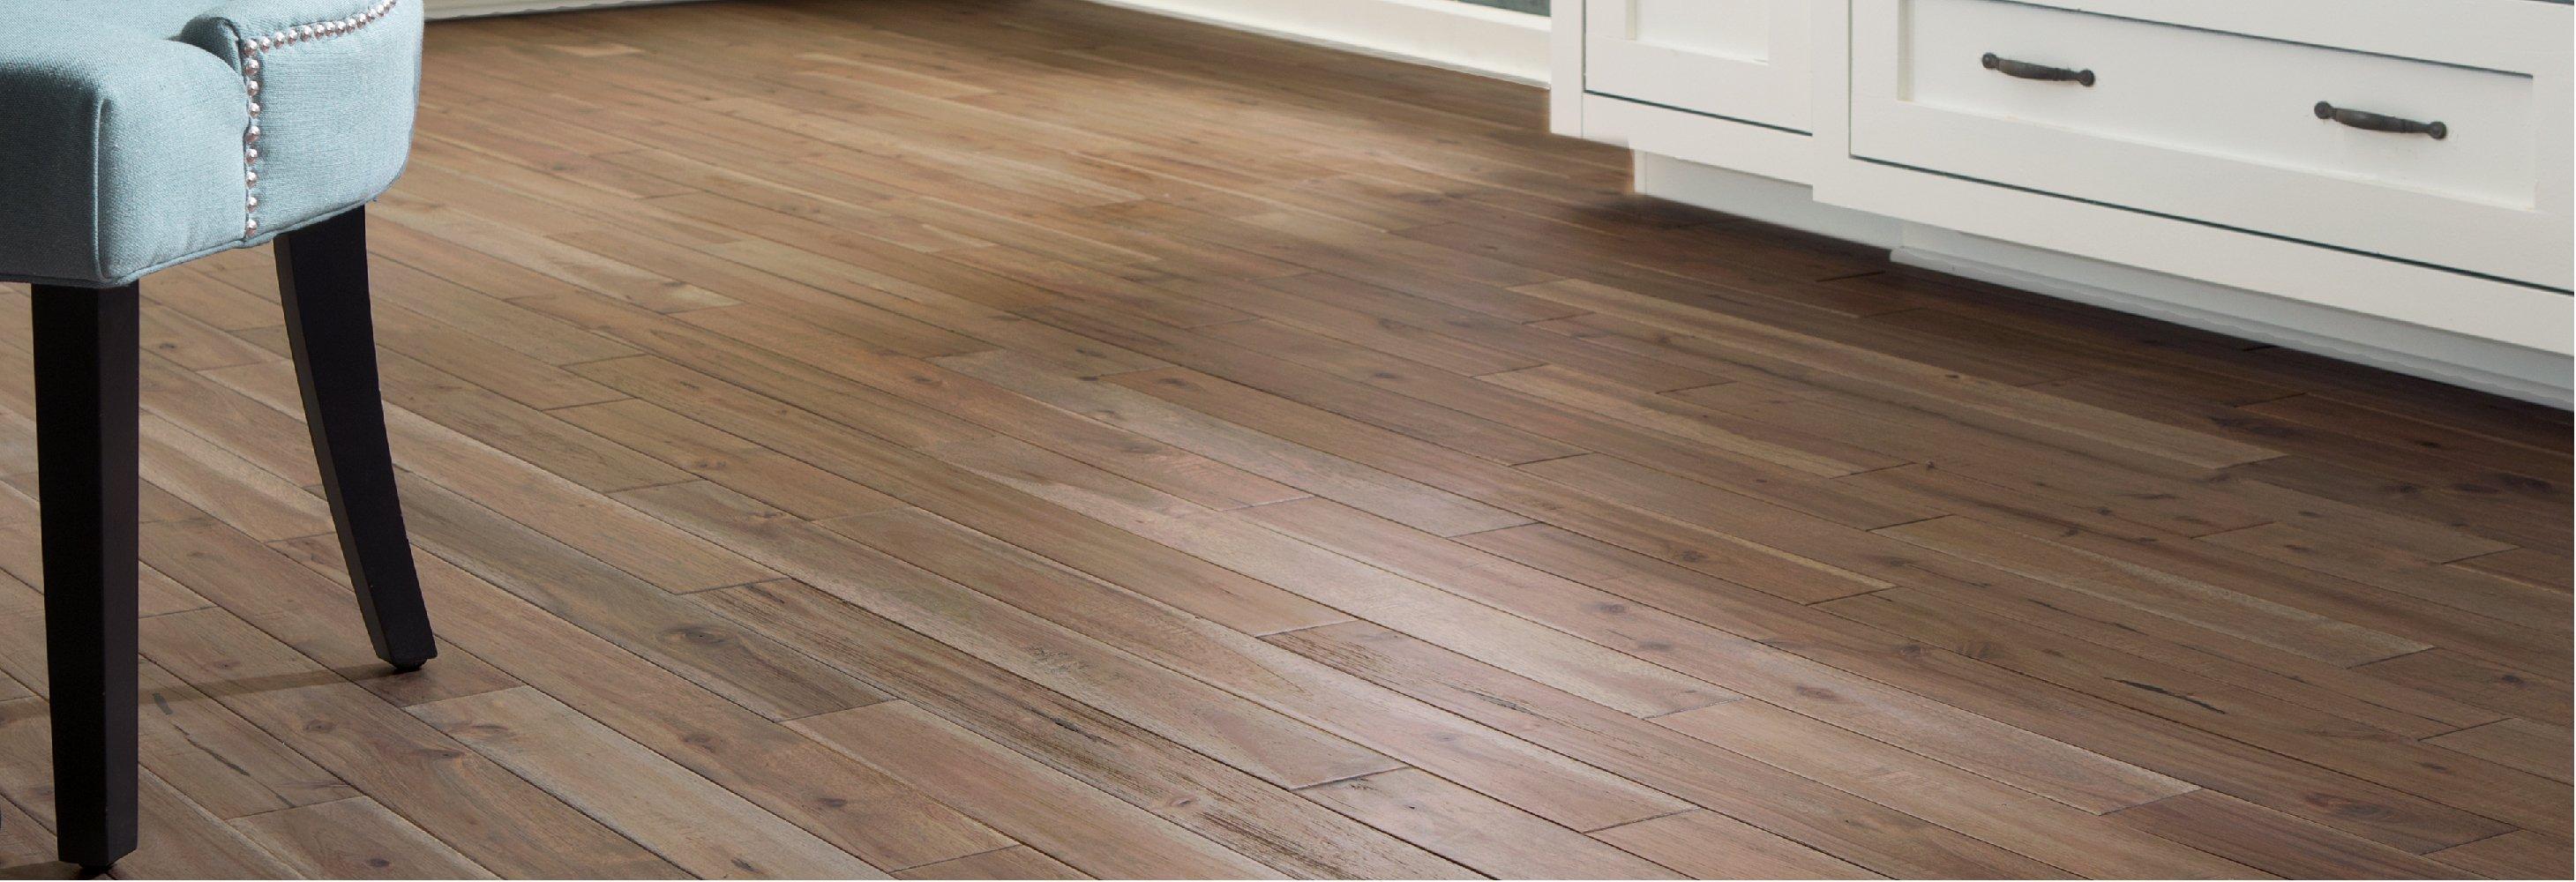 Solid wood floors solid hardwood flooring FHFVIPC